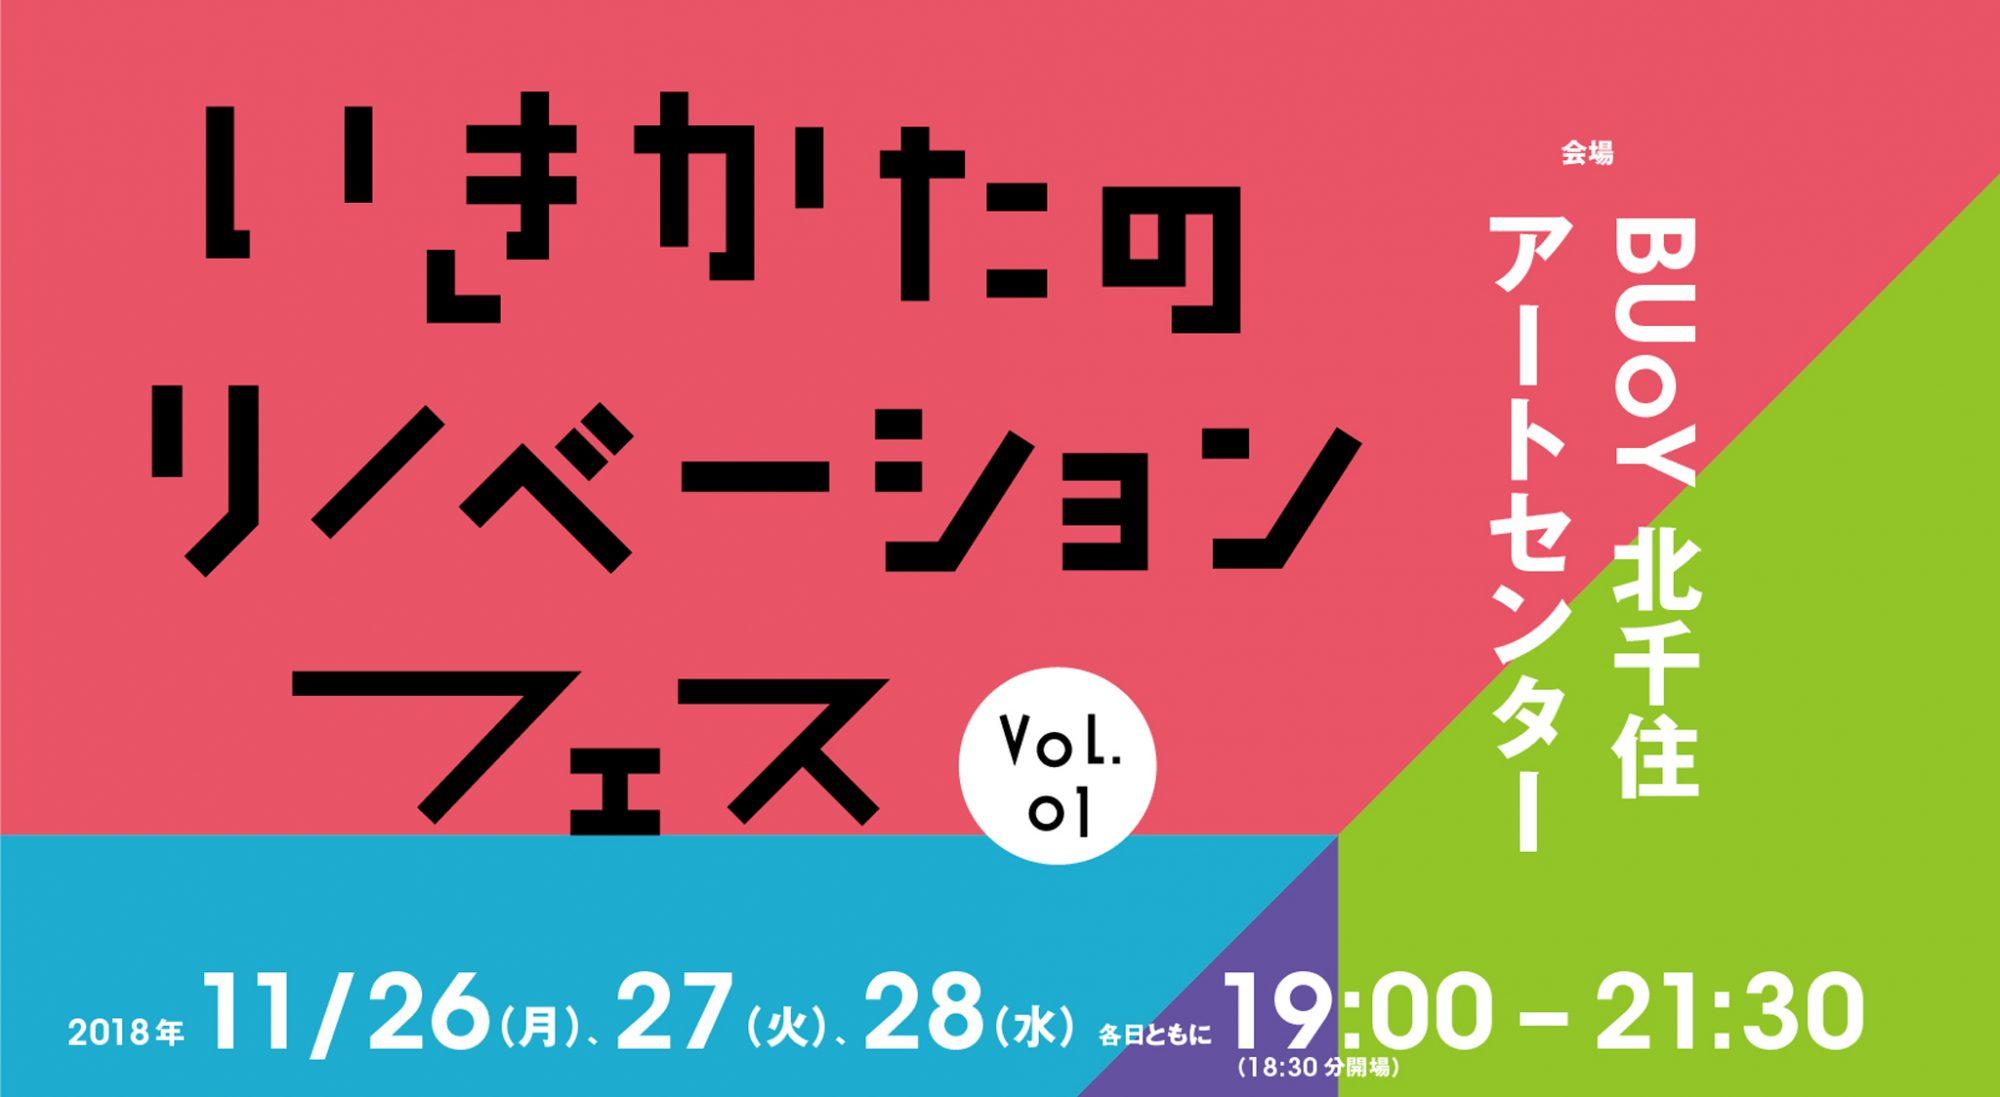 いきかたのリノベーションフェス Vol.01